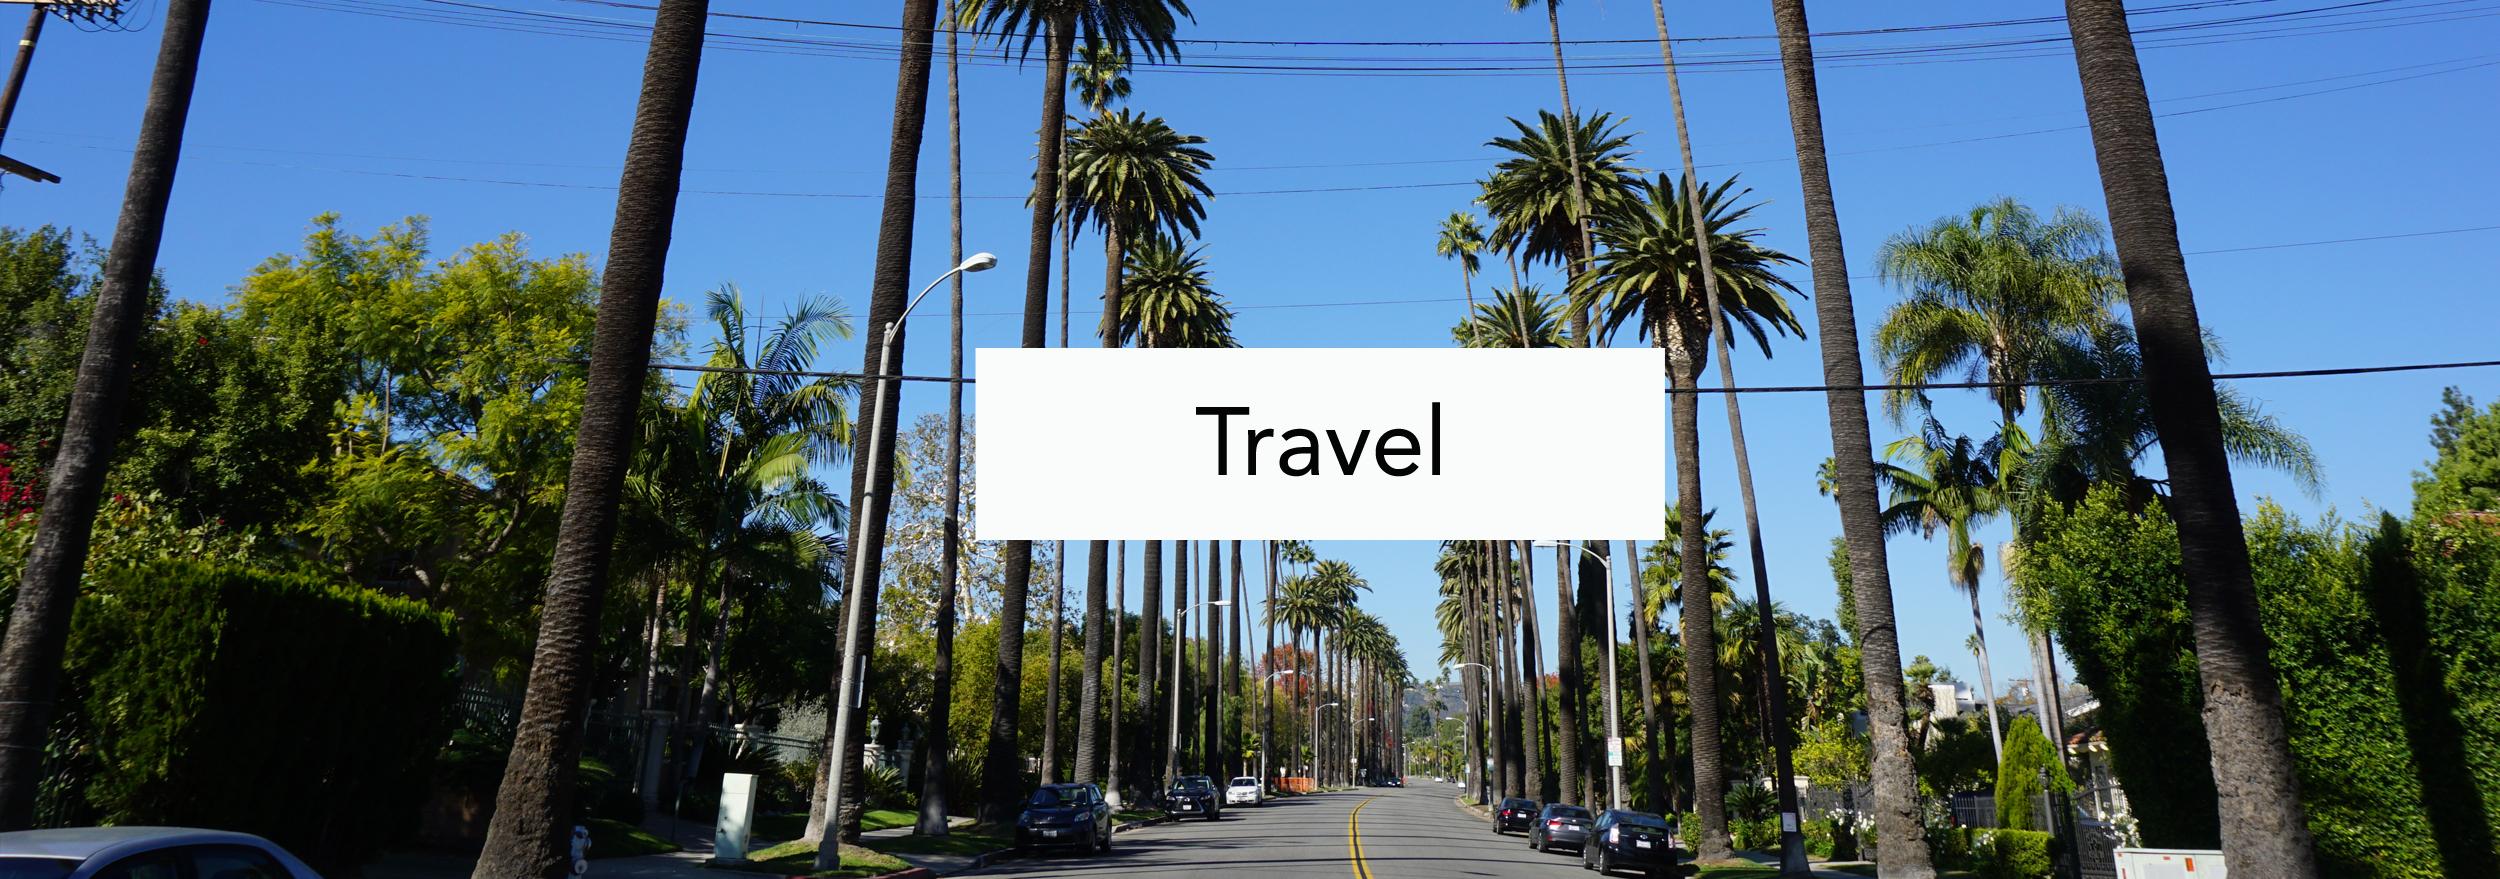 TravelMenu.jpg